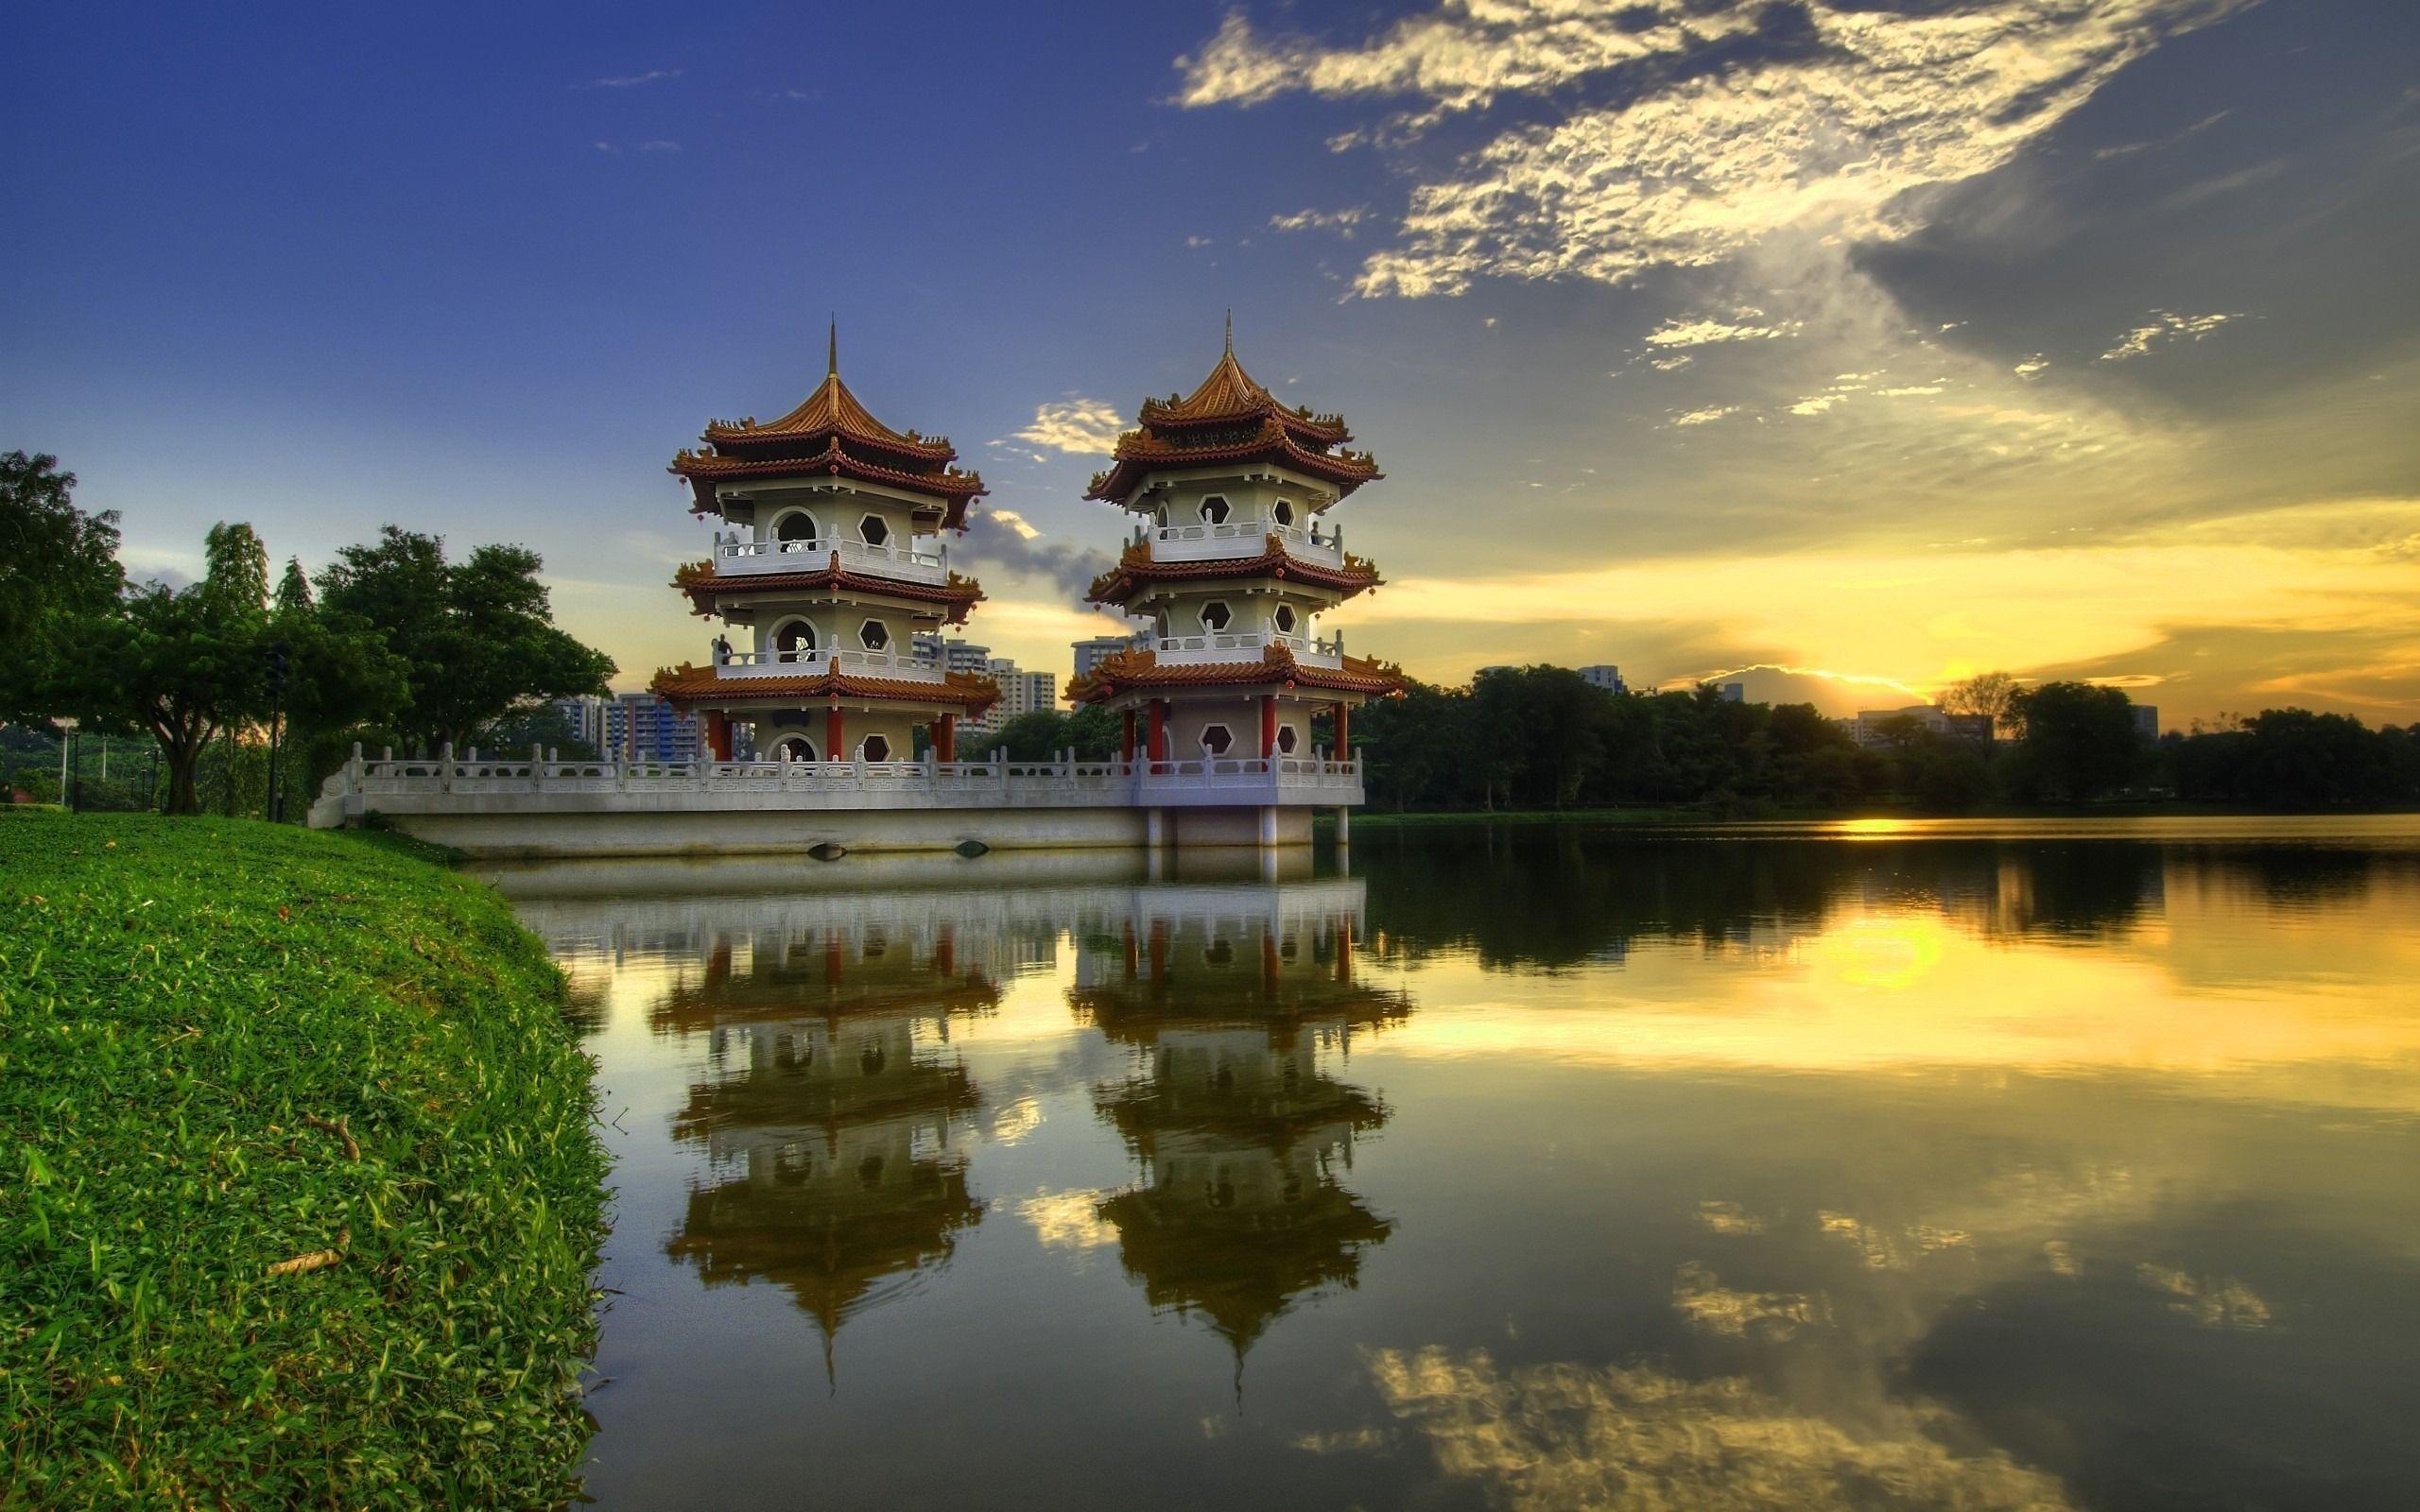 beautiful buddhist temple ipad wallpaper http www